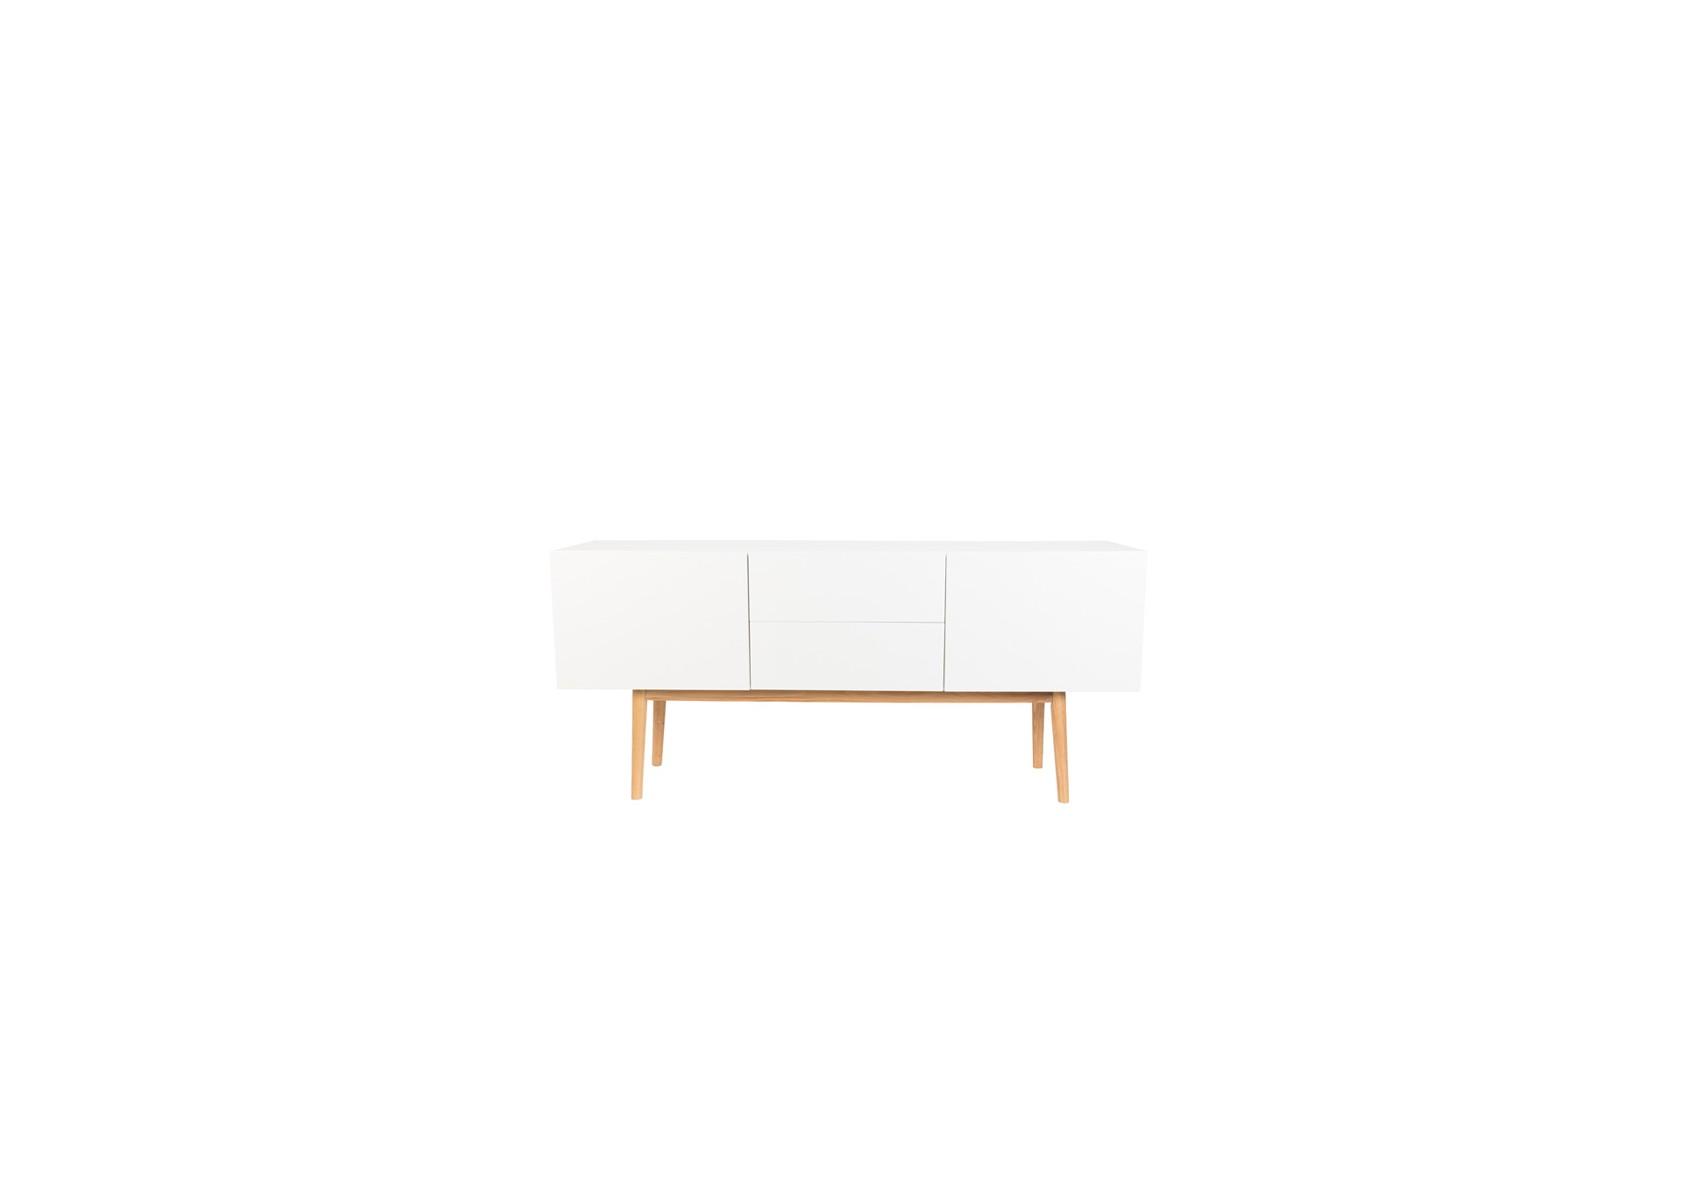 Meuble tv et buffet design high on wood de la marque zuiver - Meuble tv buffet design ...